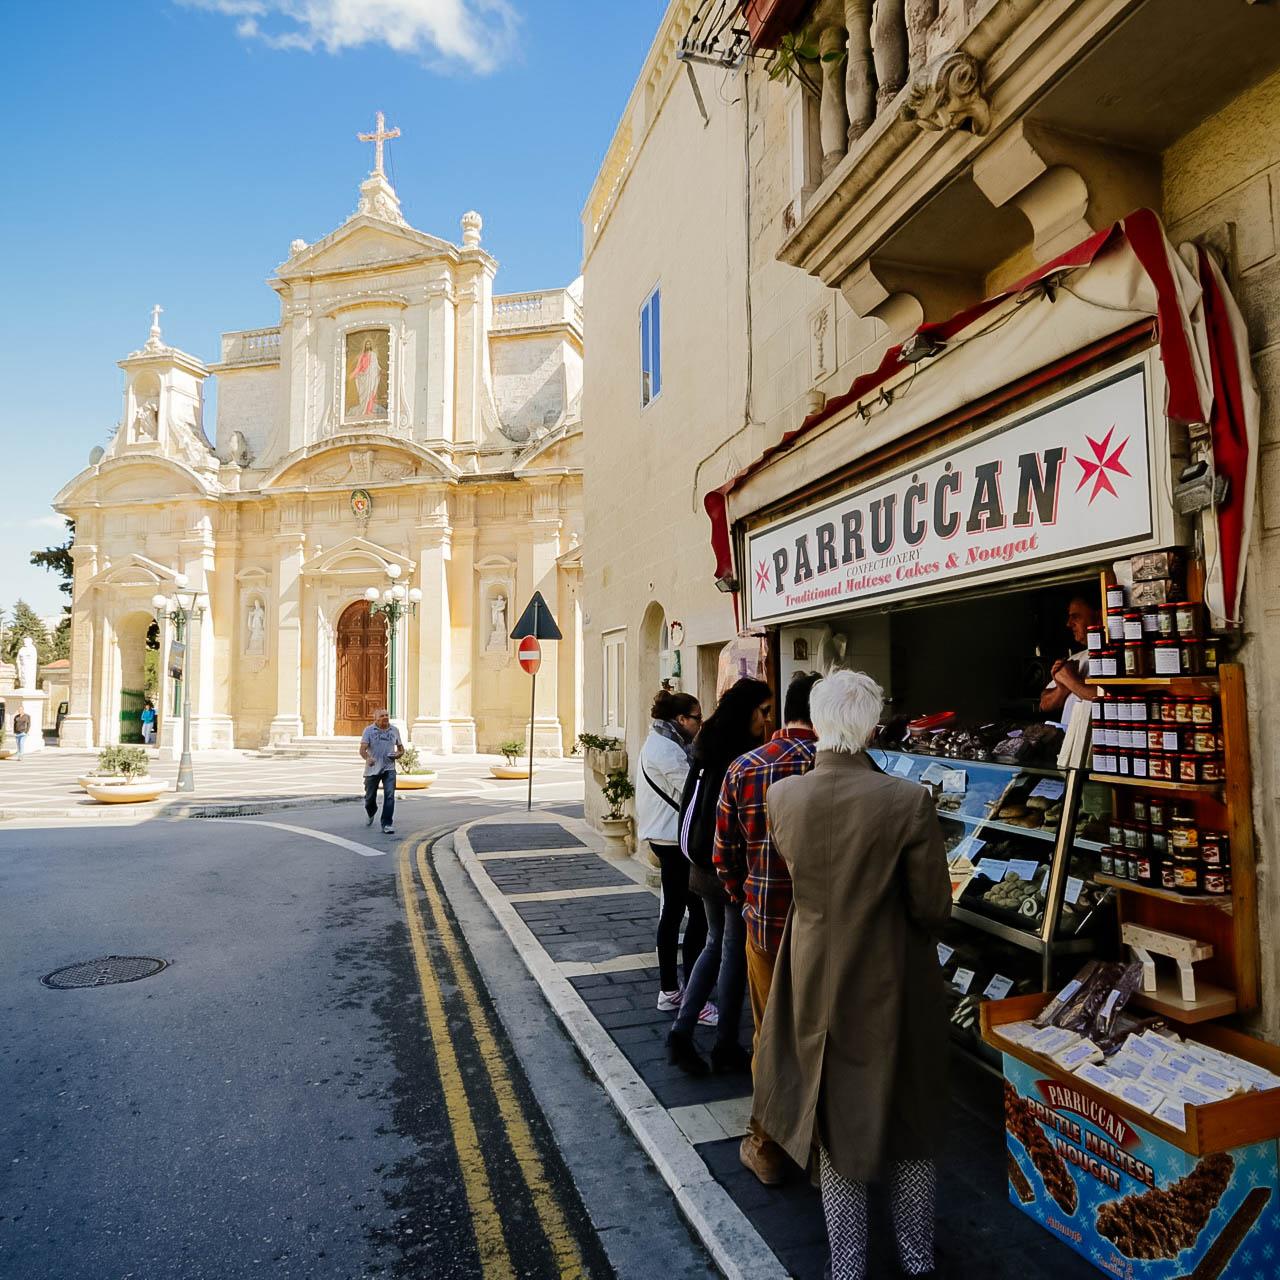 Parruccan Rabat Málta